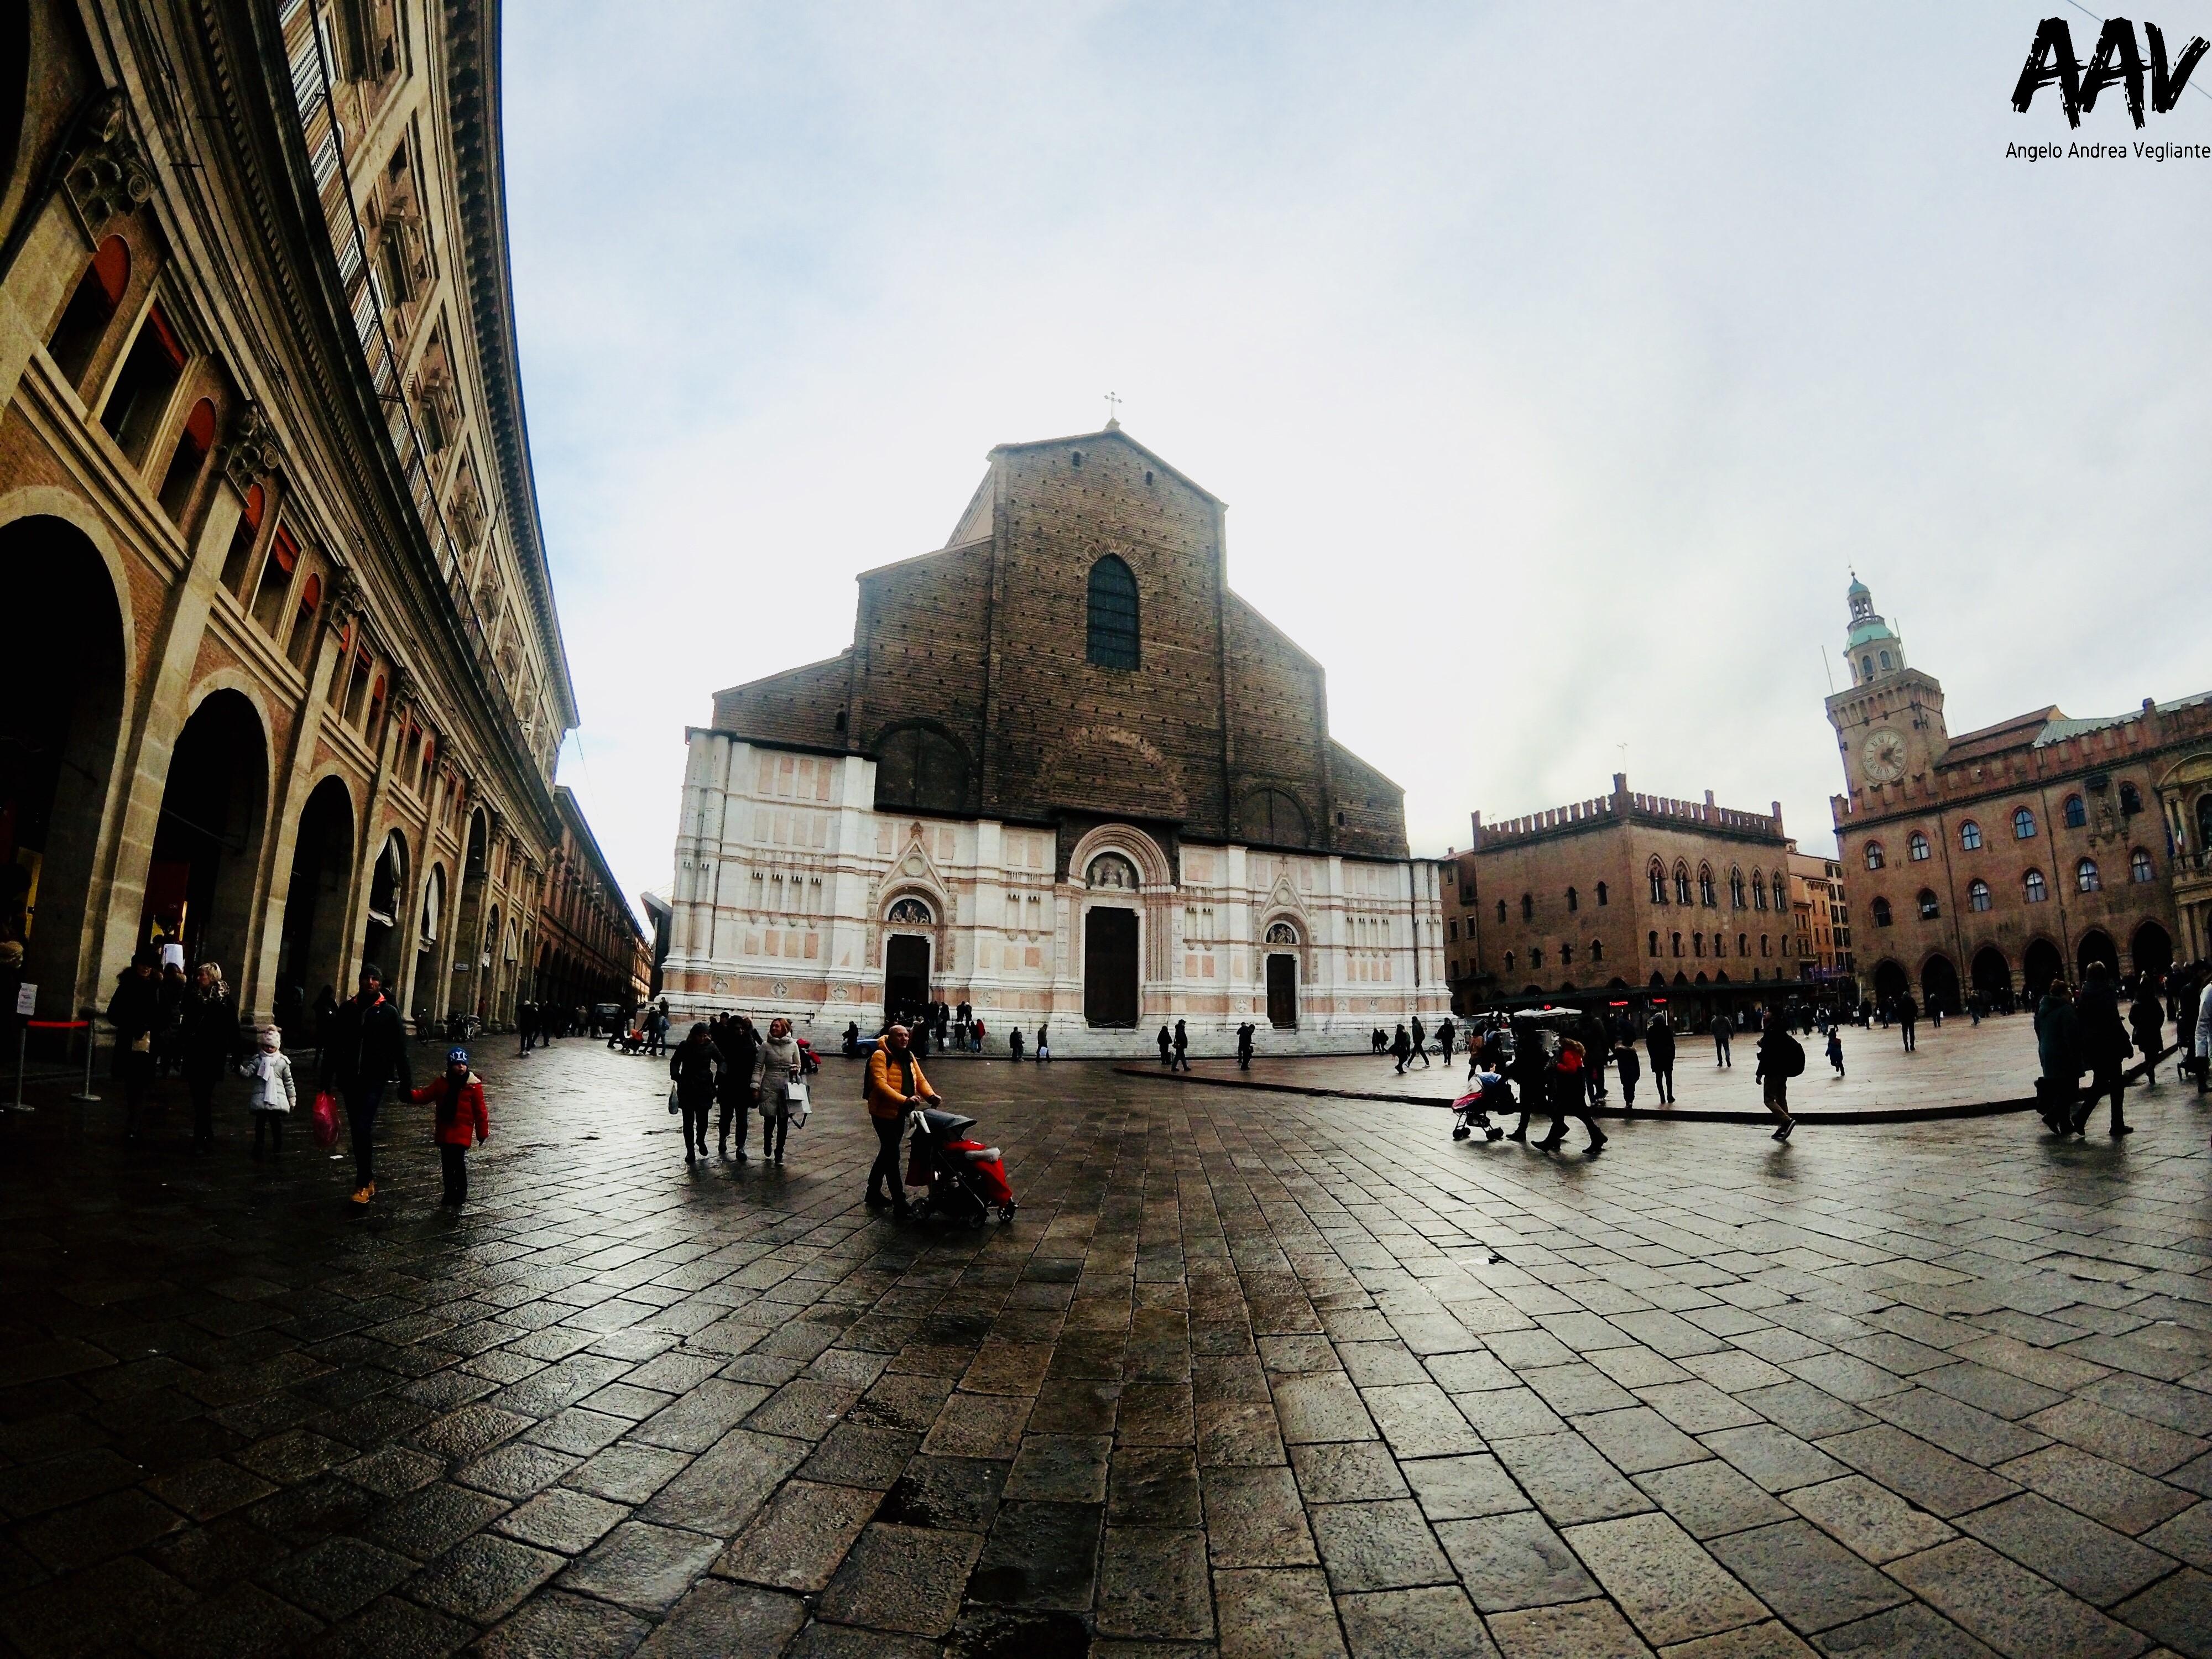 piazza maggiore-basilica san petronio-bologna-angelo andrea vegliante-colui che veglia-colui che viaggia-viaggio-emilia romagna-italia